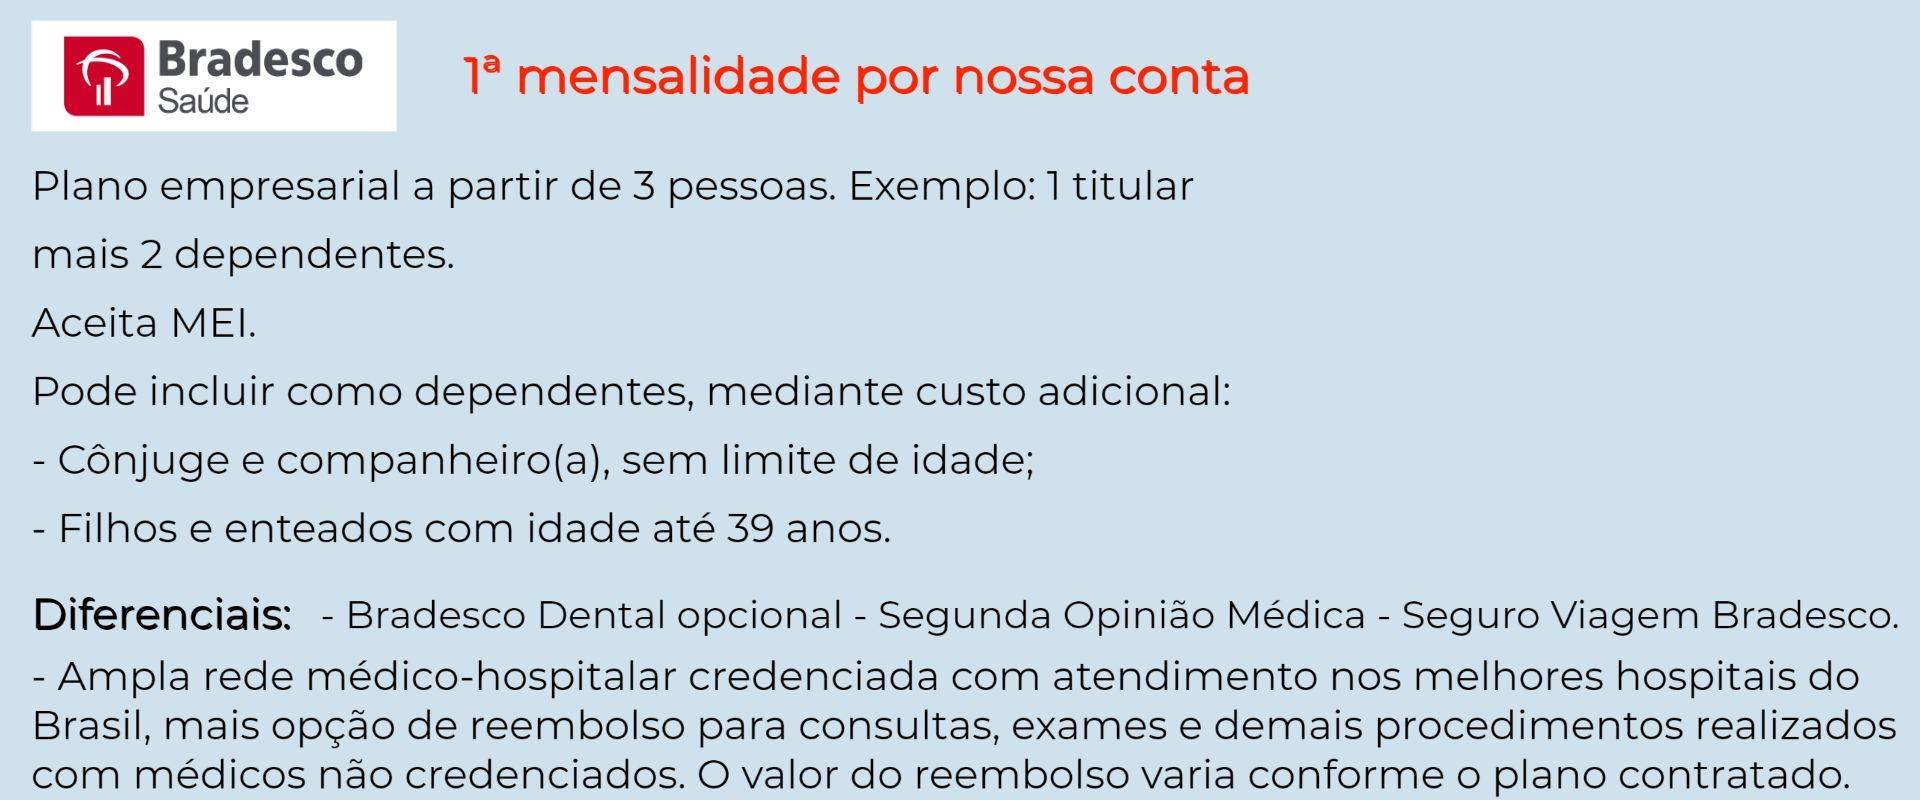 Bradesco Saúde Empresarial - Avaré